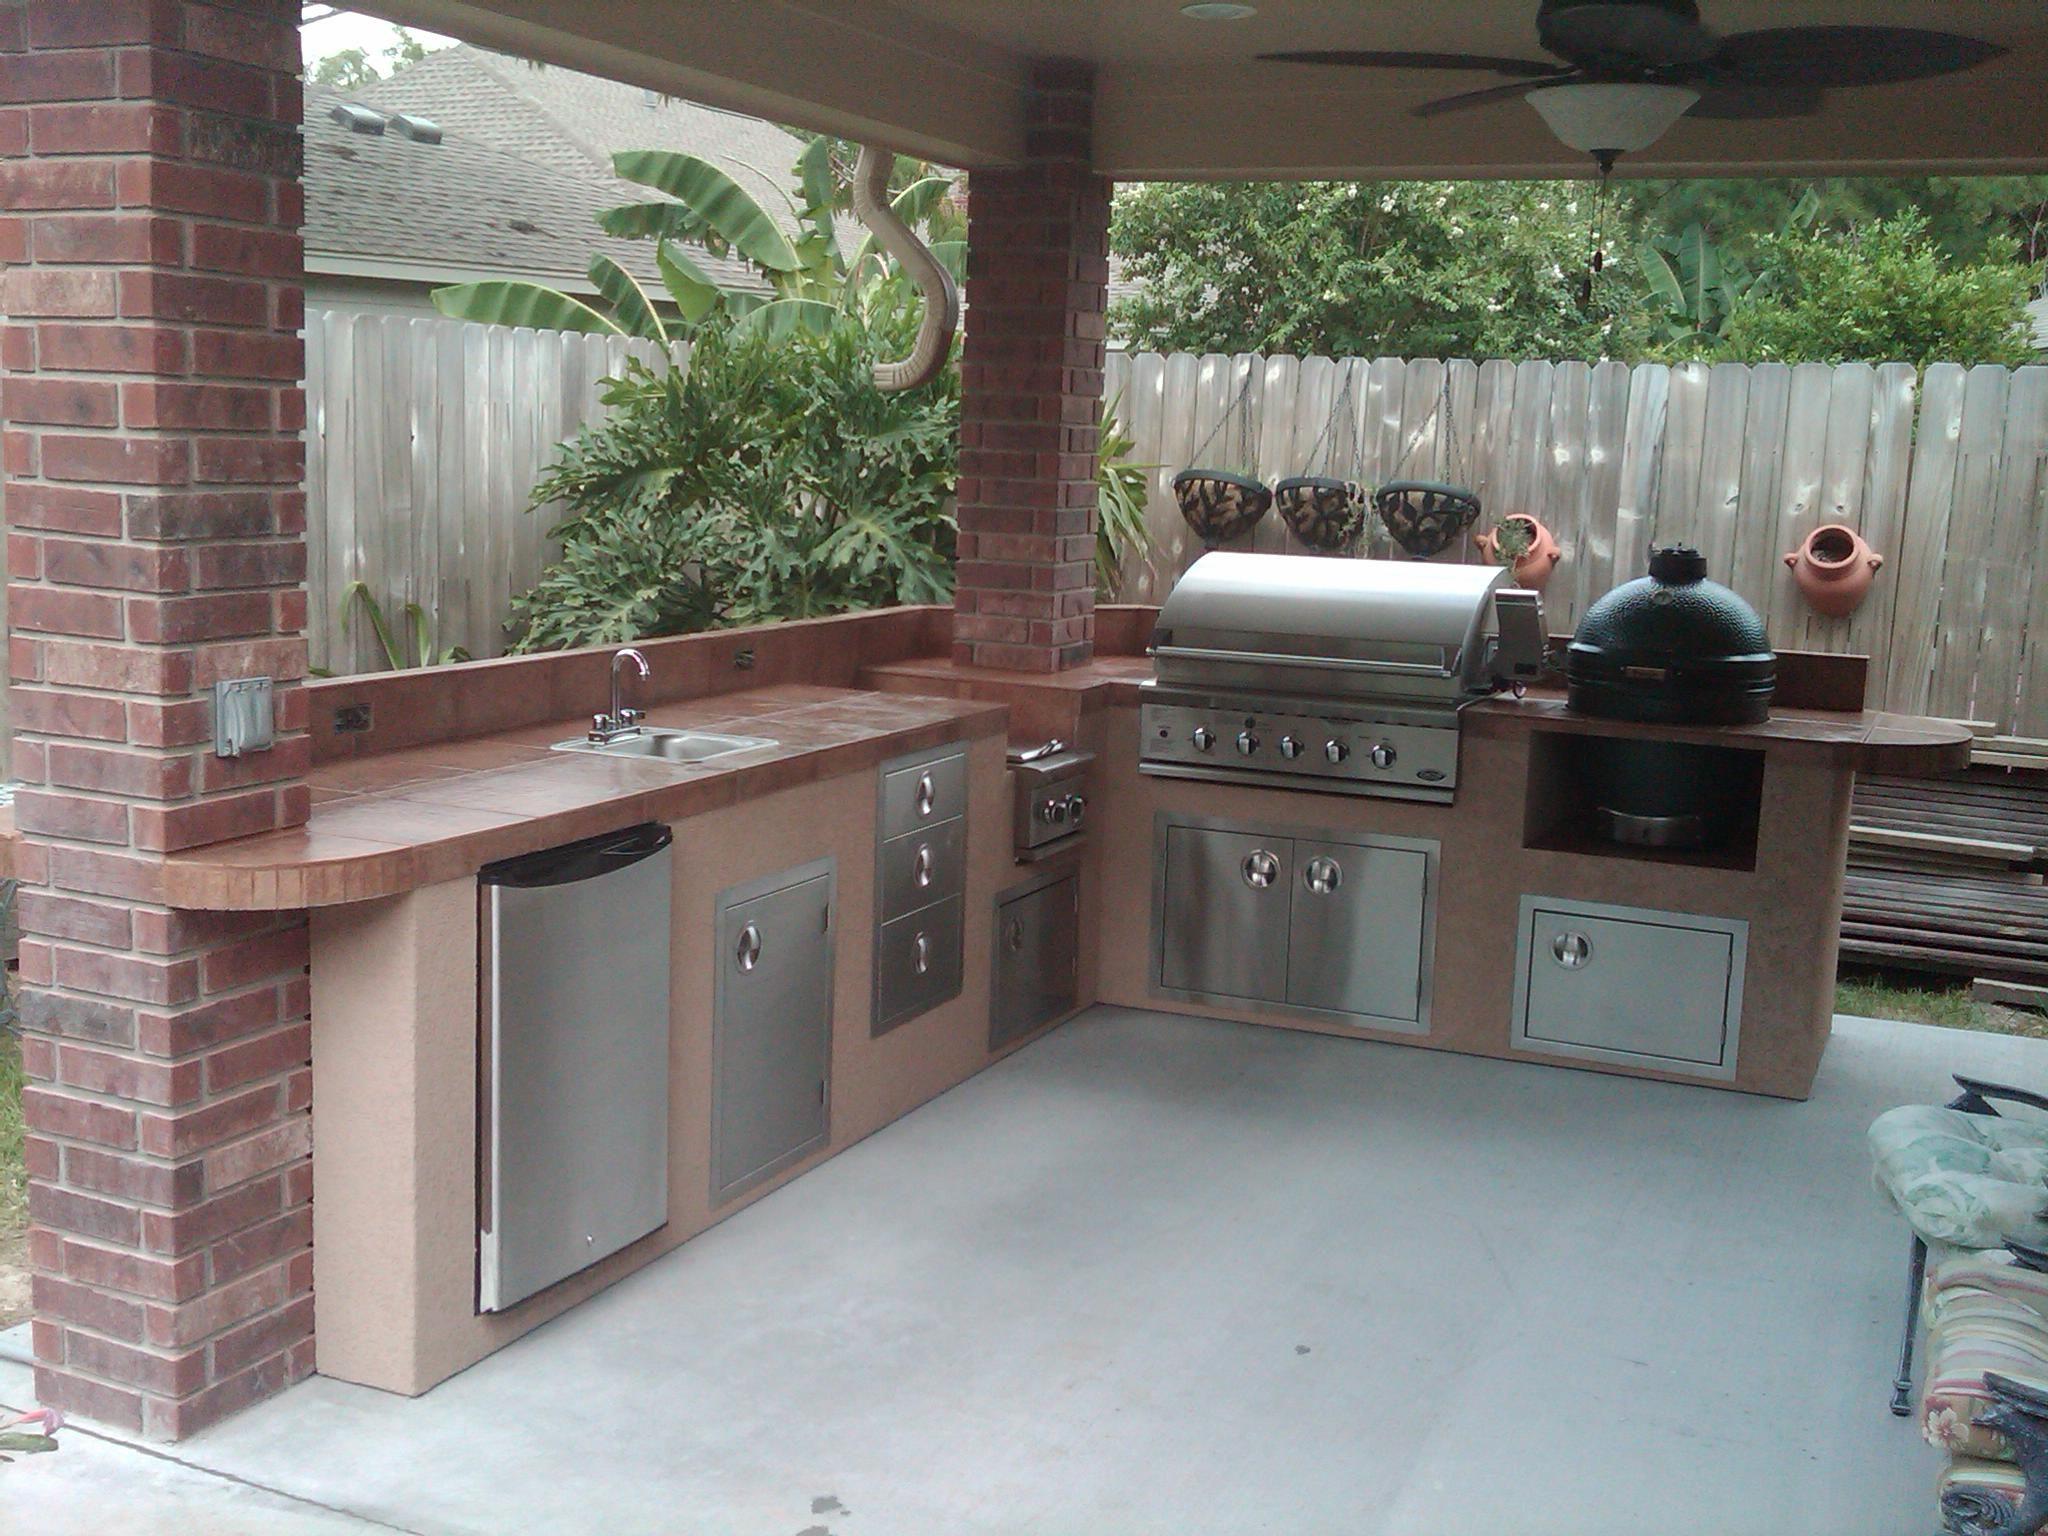 outdoor kitchen under patio - Google Search   BBQ   Pinterest ...